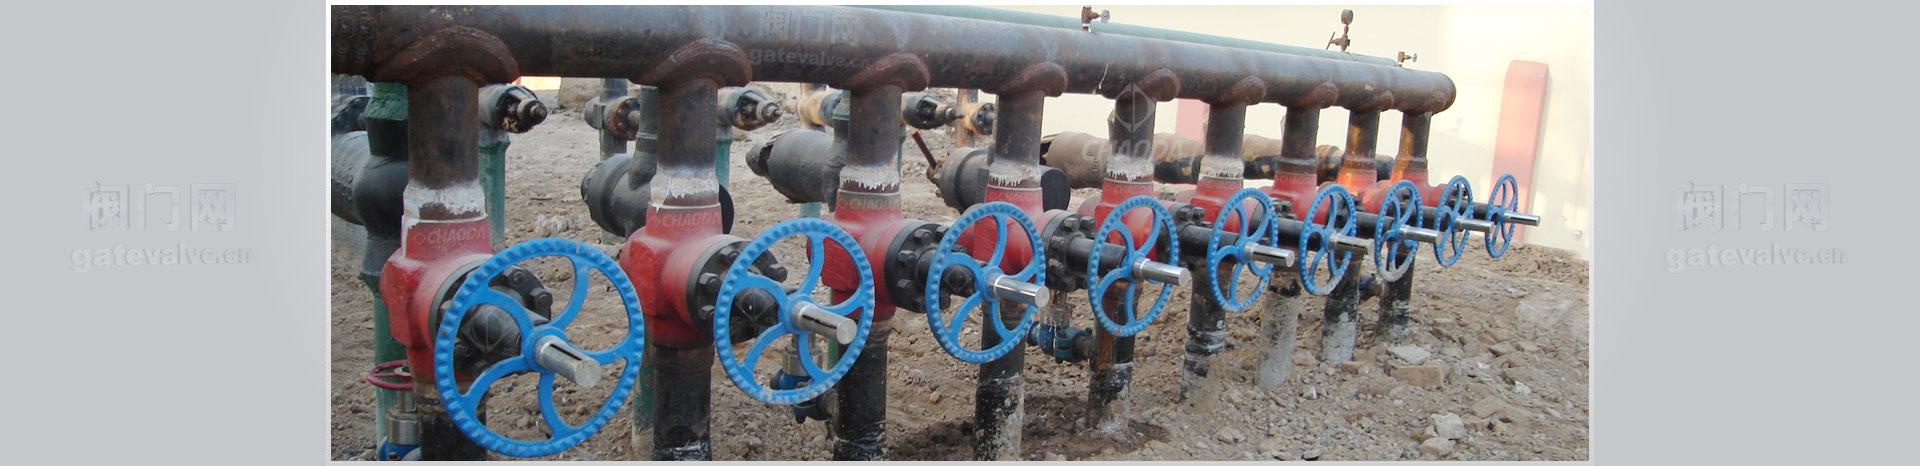 油田专用阀产品